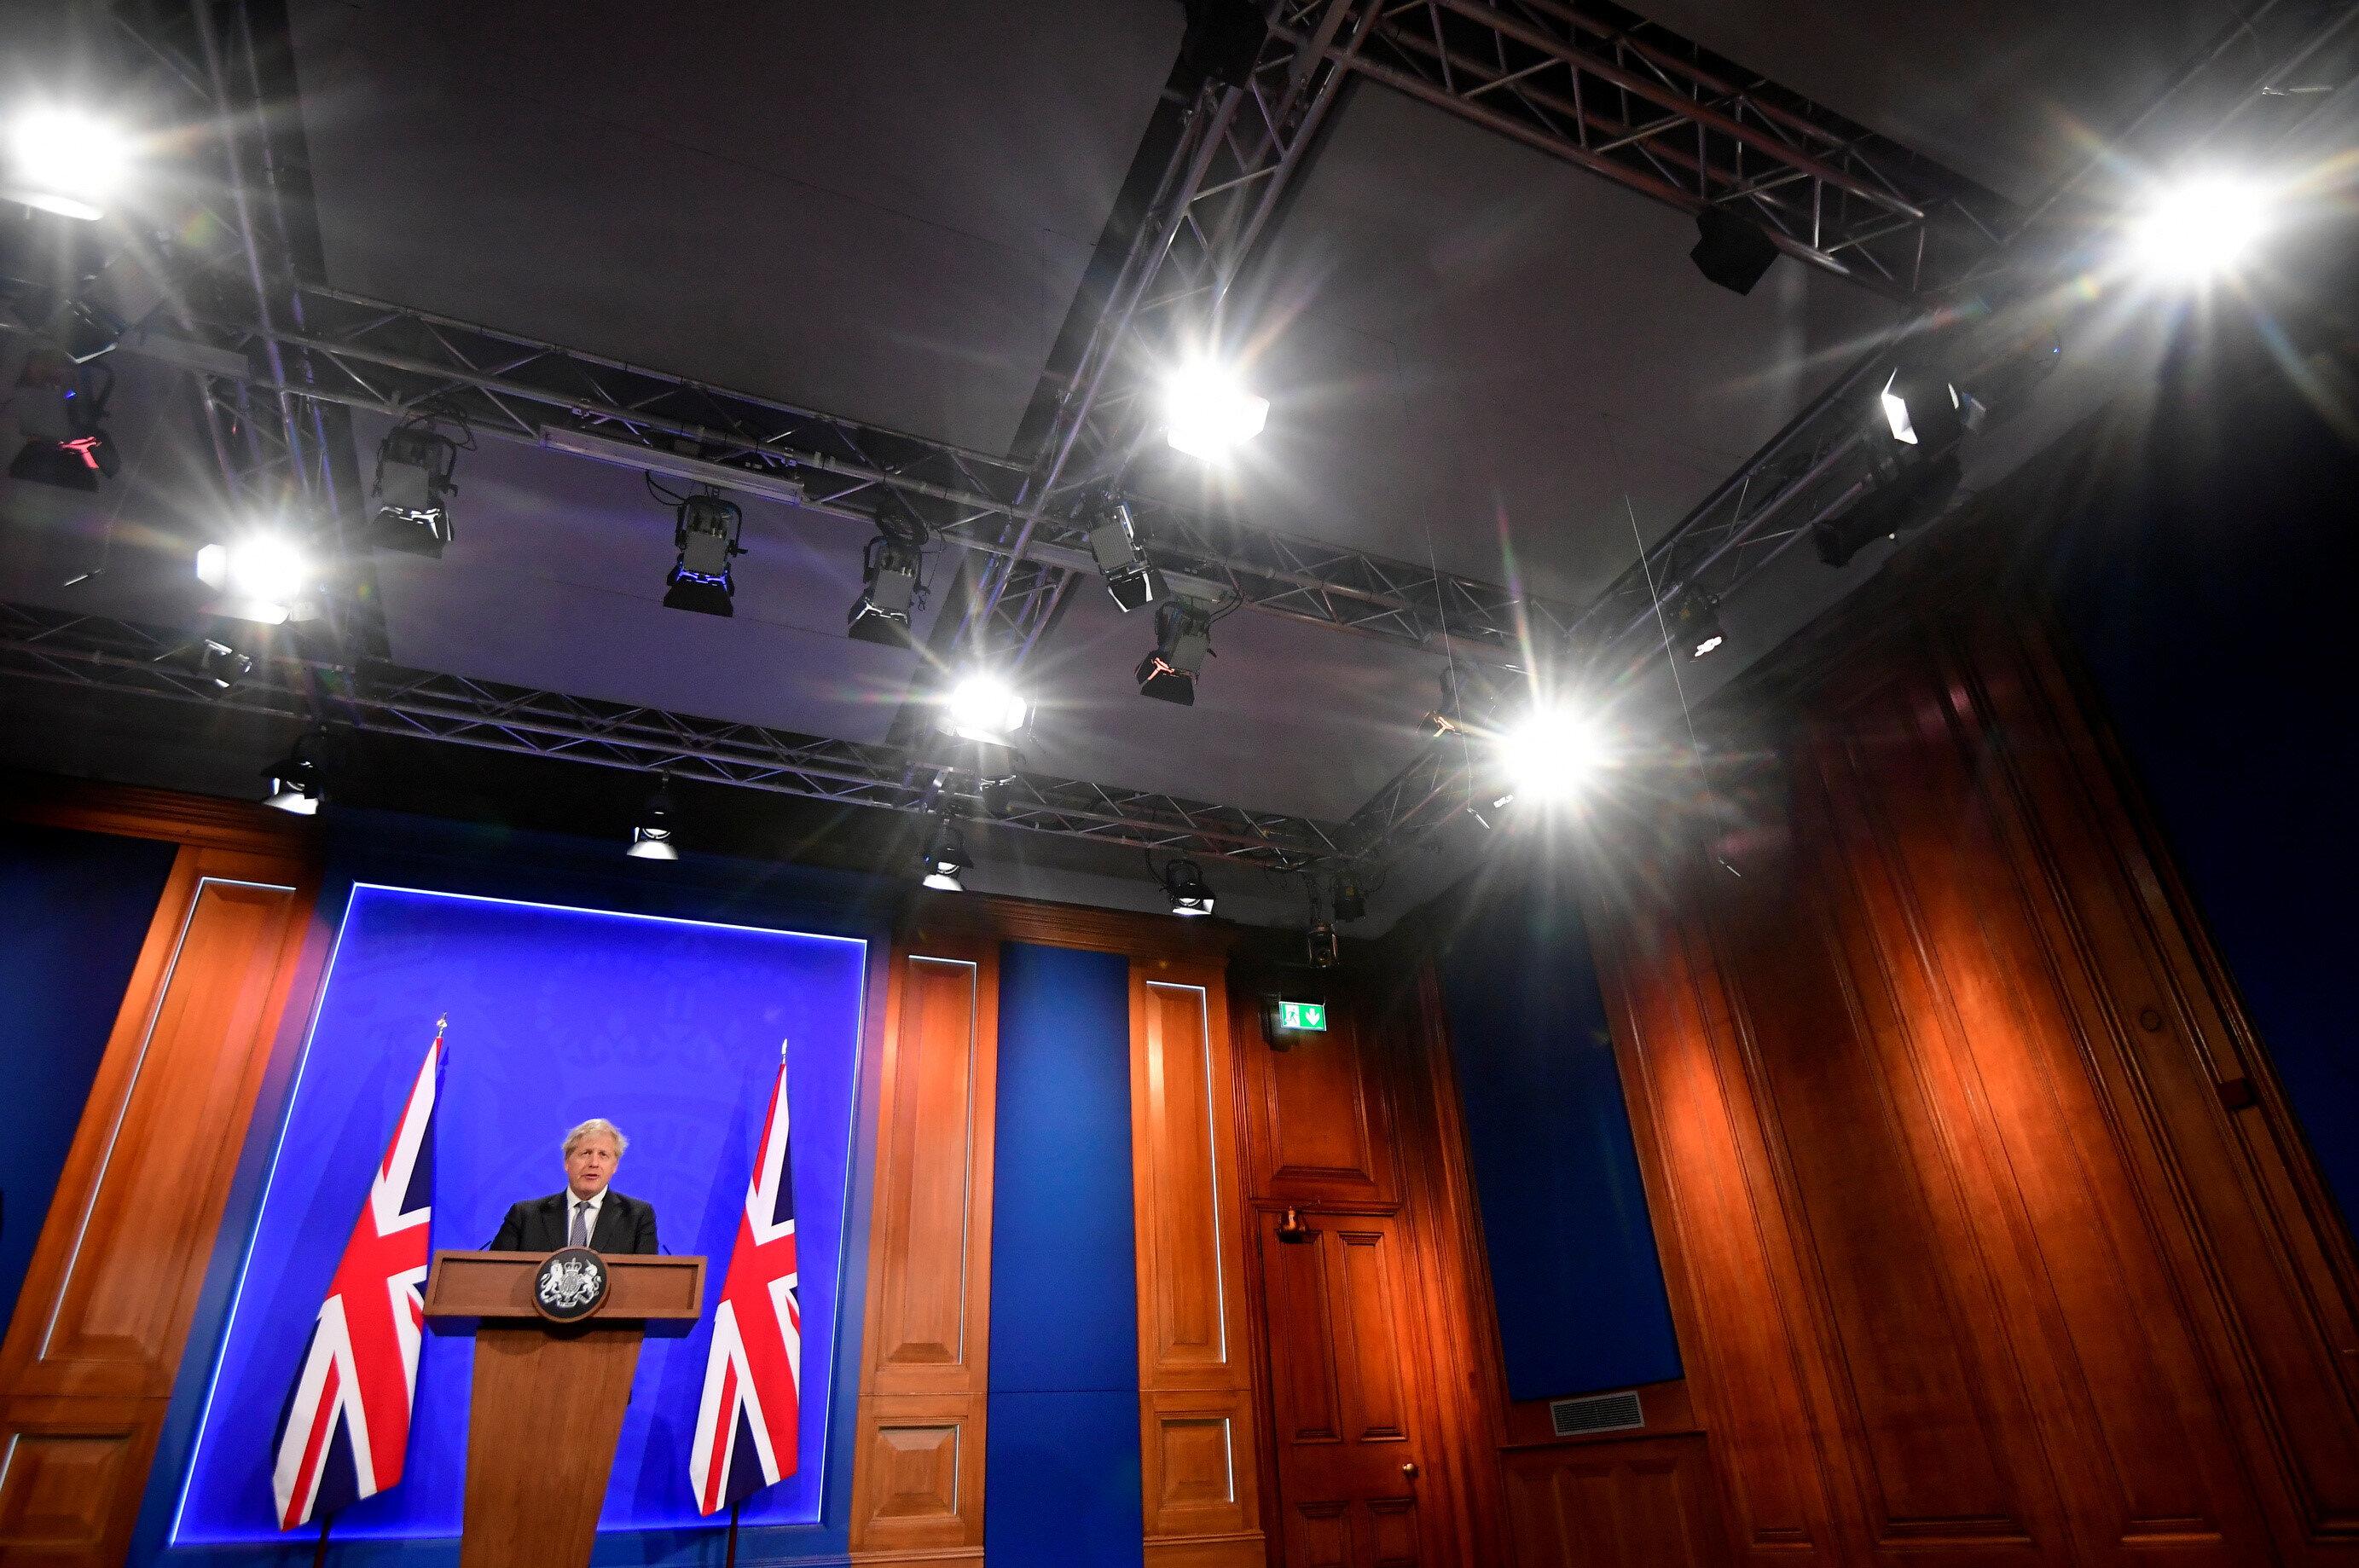 İngiltere Başbakanı Boris Johnson, düzenlediği basın toplantısında İngiliz kulüplerinin aldığı kararı eleştirmişti.